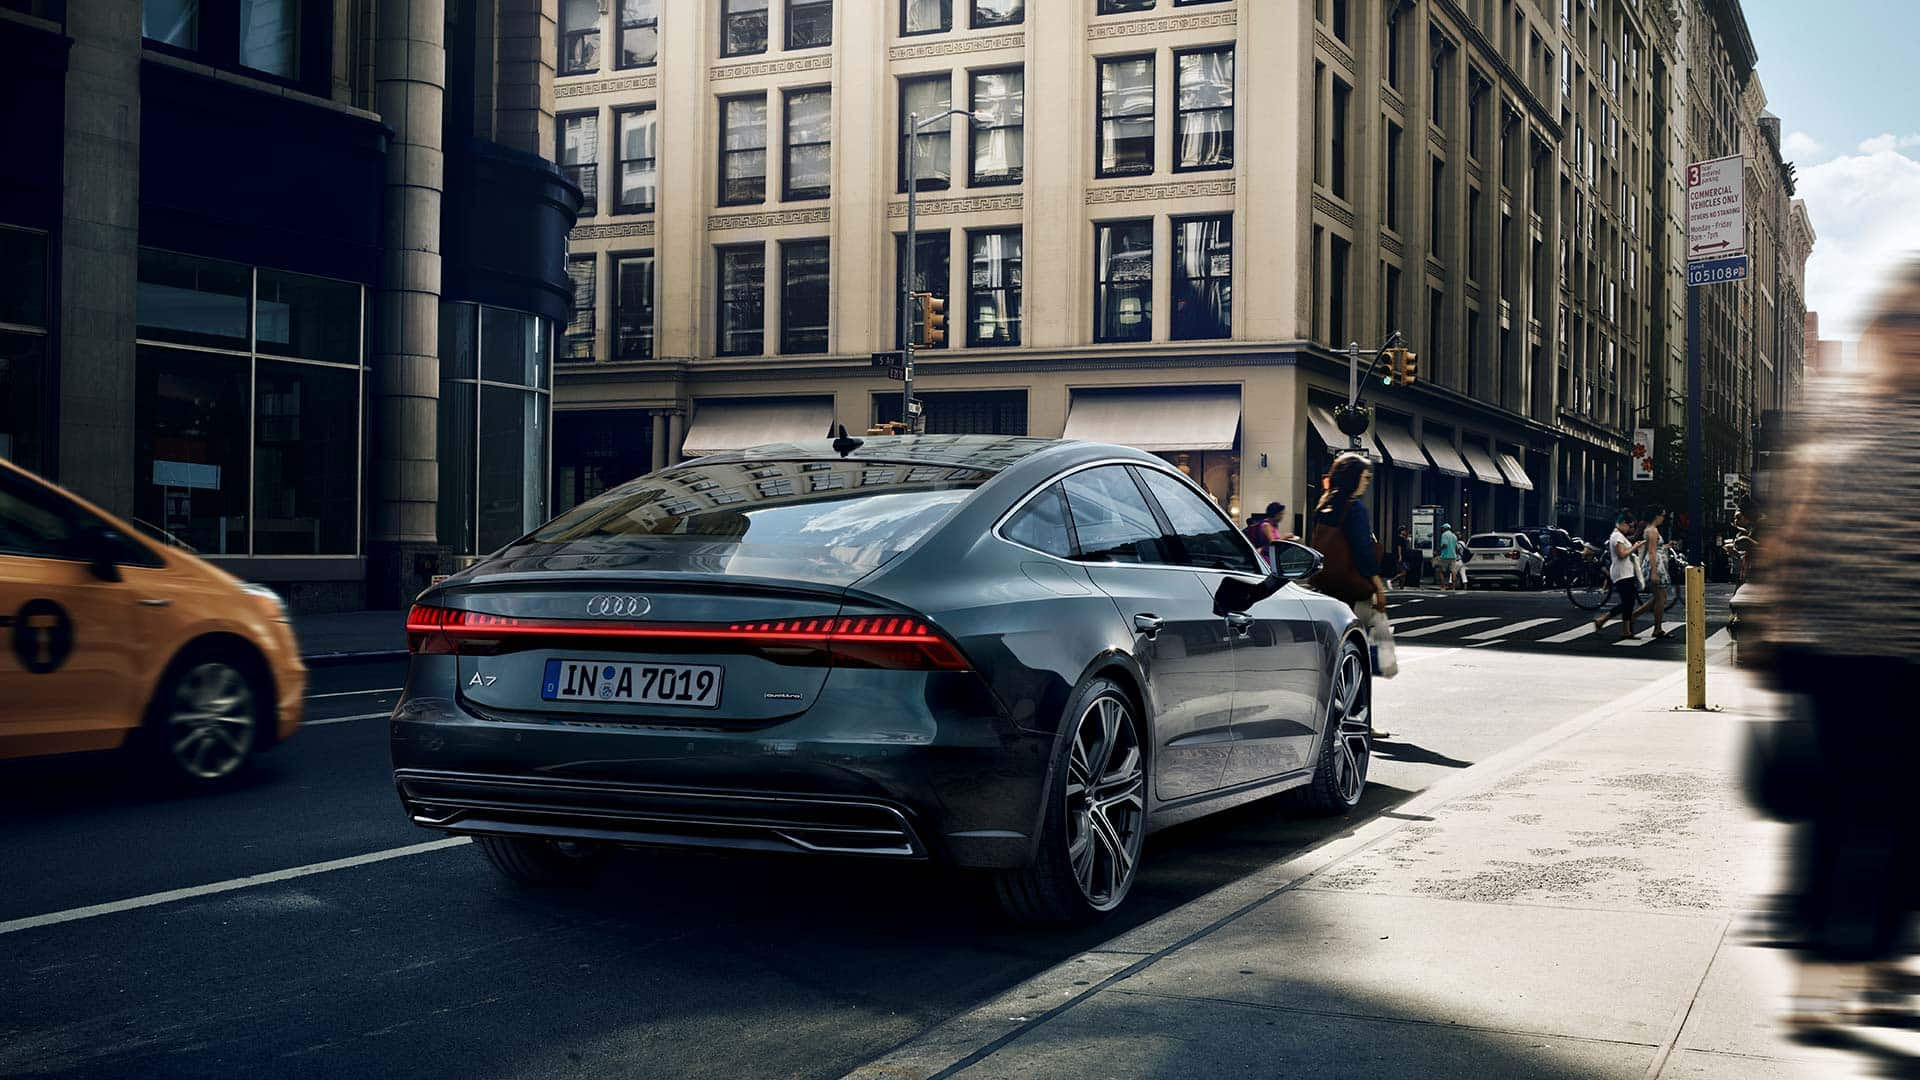 The New A7 Sportback A7 Audi Ireland